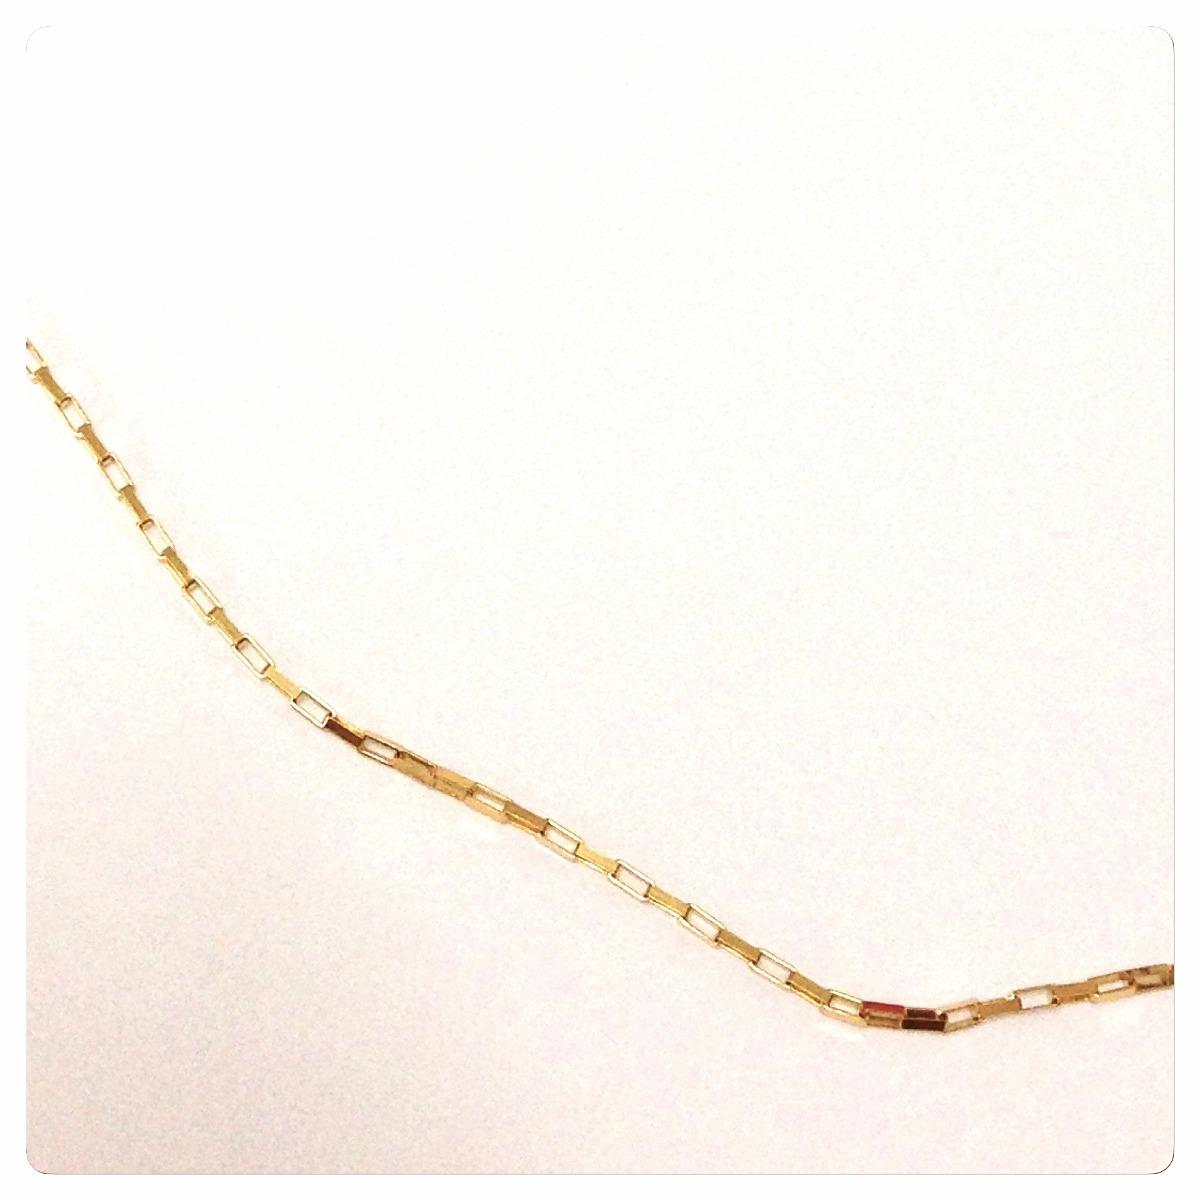 cordão corrente feminina cartier 50 cm 1.1 grs joia ouro 18k. Carregando  zoom. 0d1179a8c8